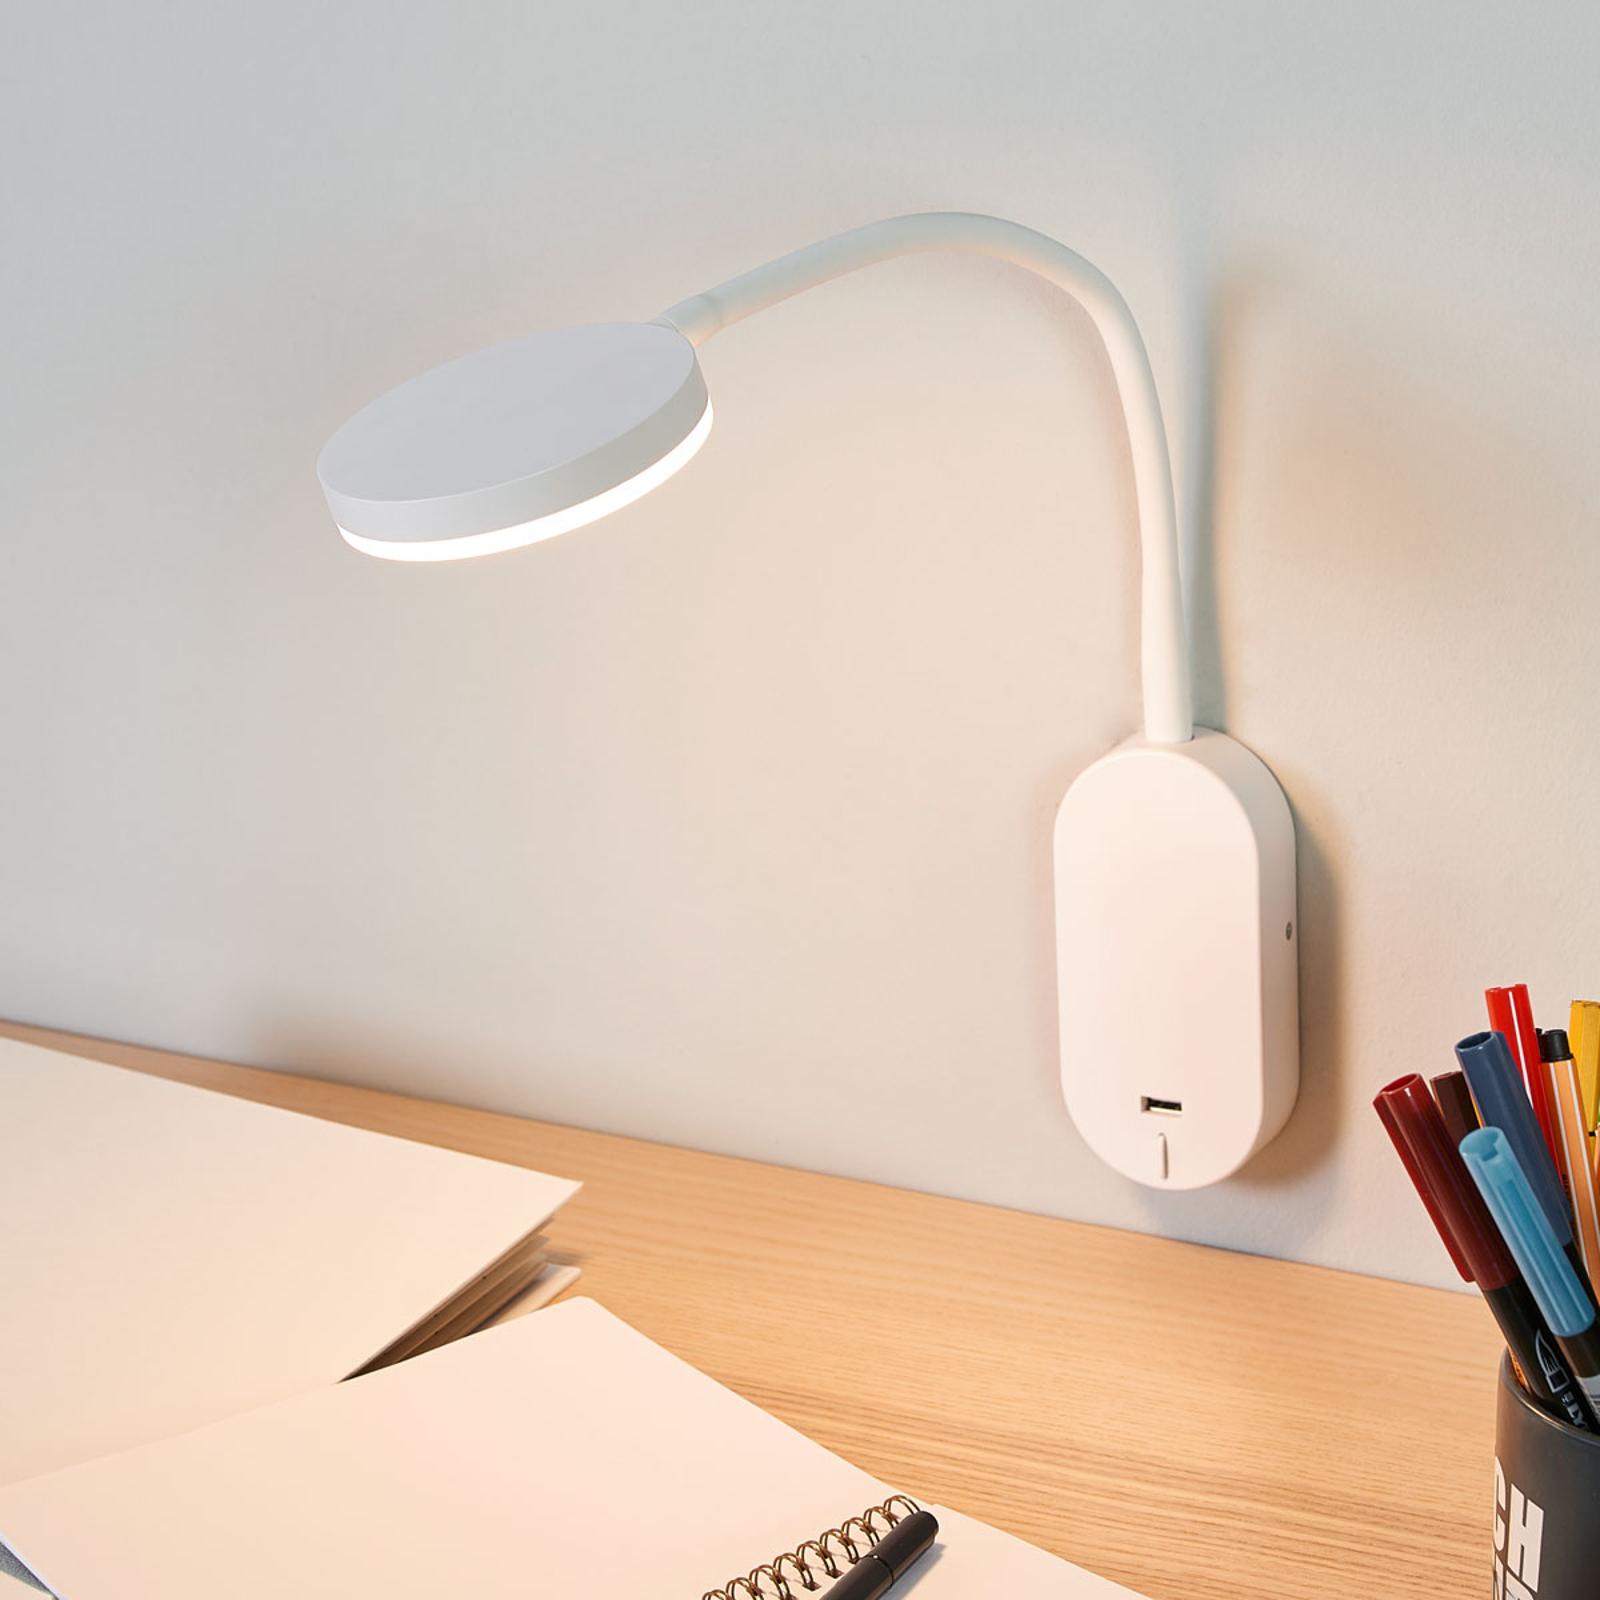 Flexarm-LED-Wandleuchte Milow mit USB-Anschluss